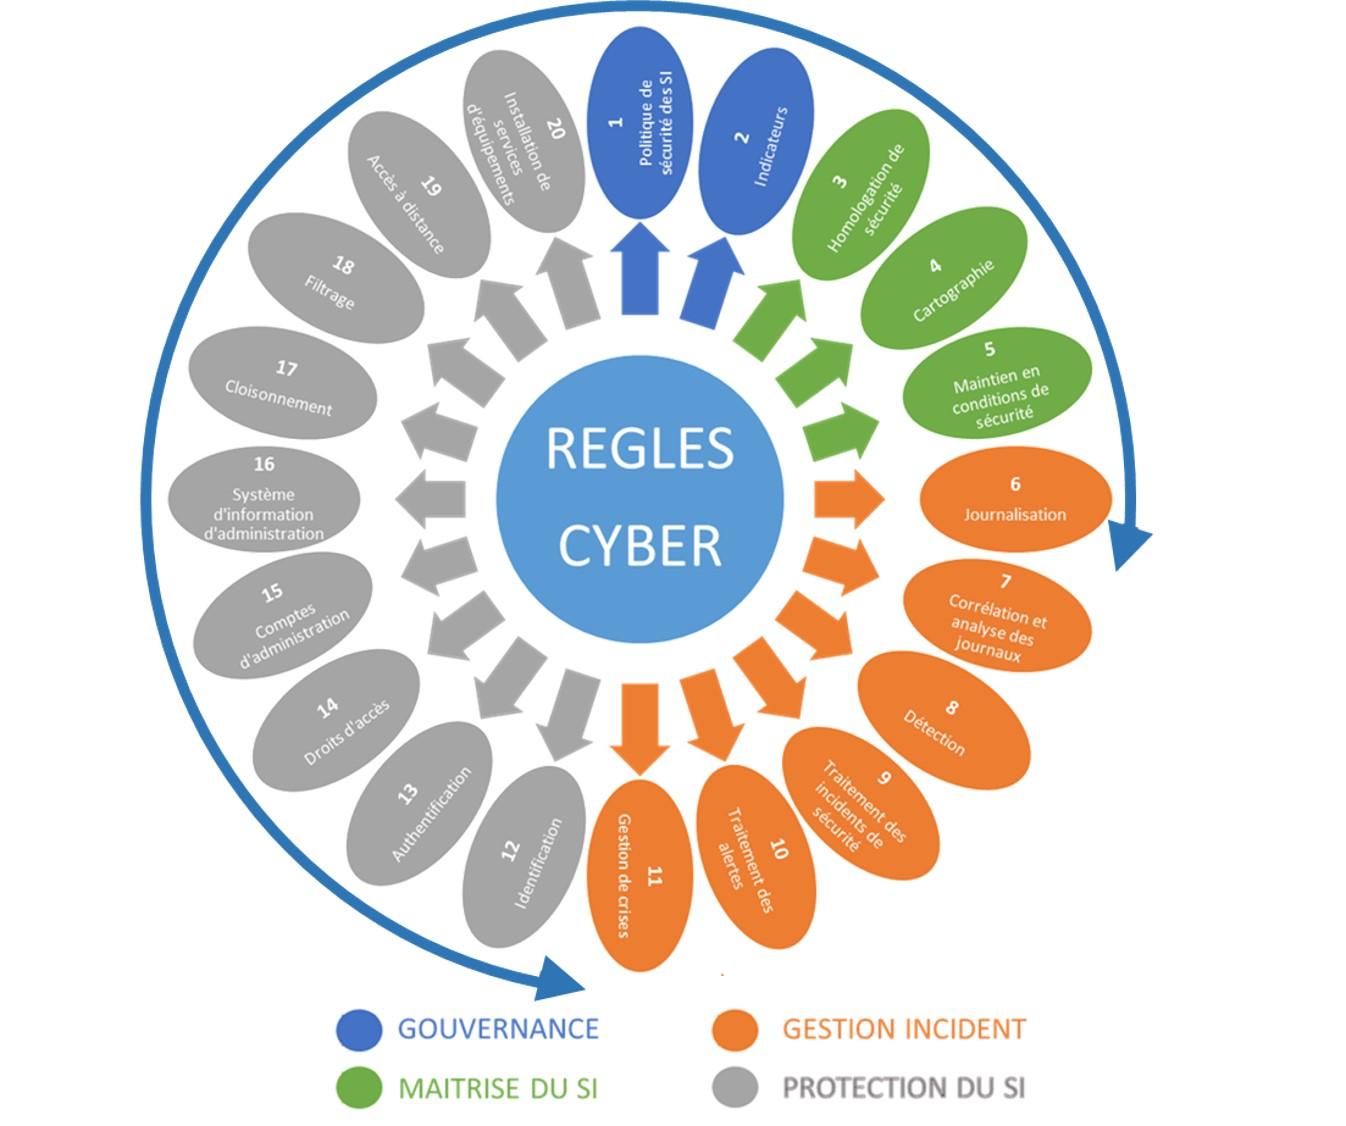 Règles cyber